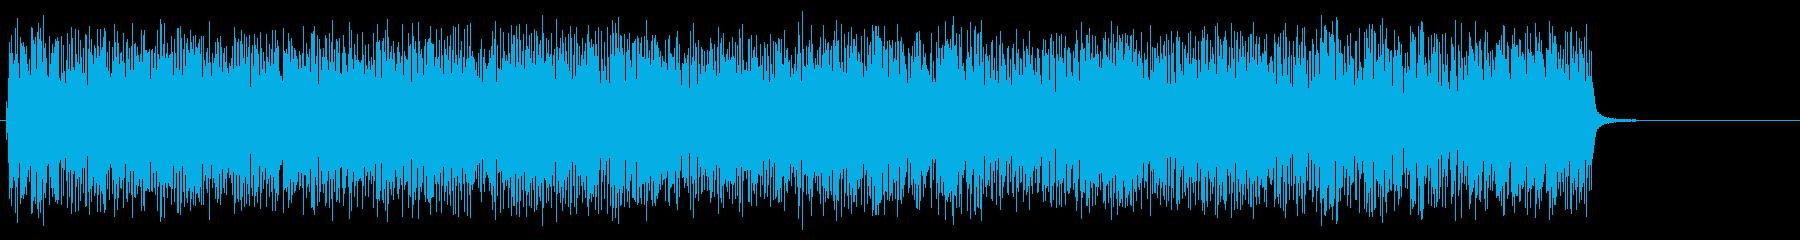 [生録音]ベルタイプの目覚まし時計01の再生済みの波形